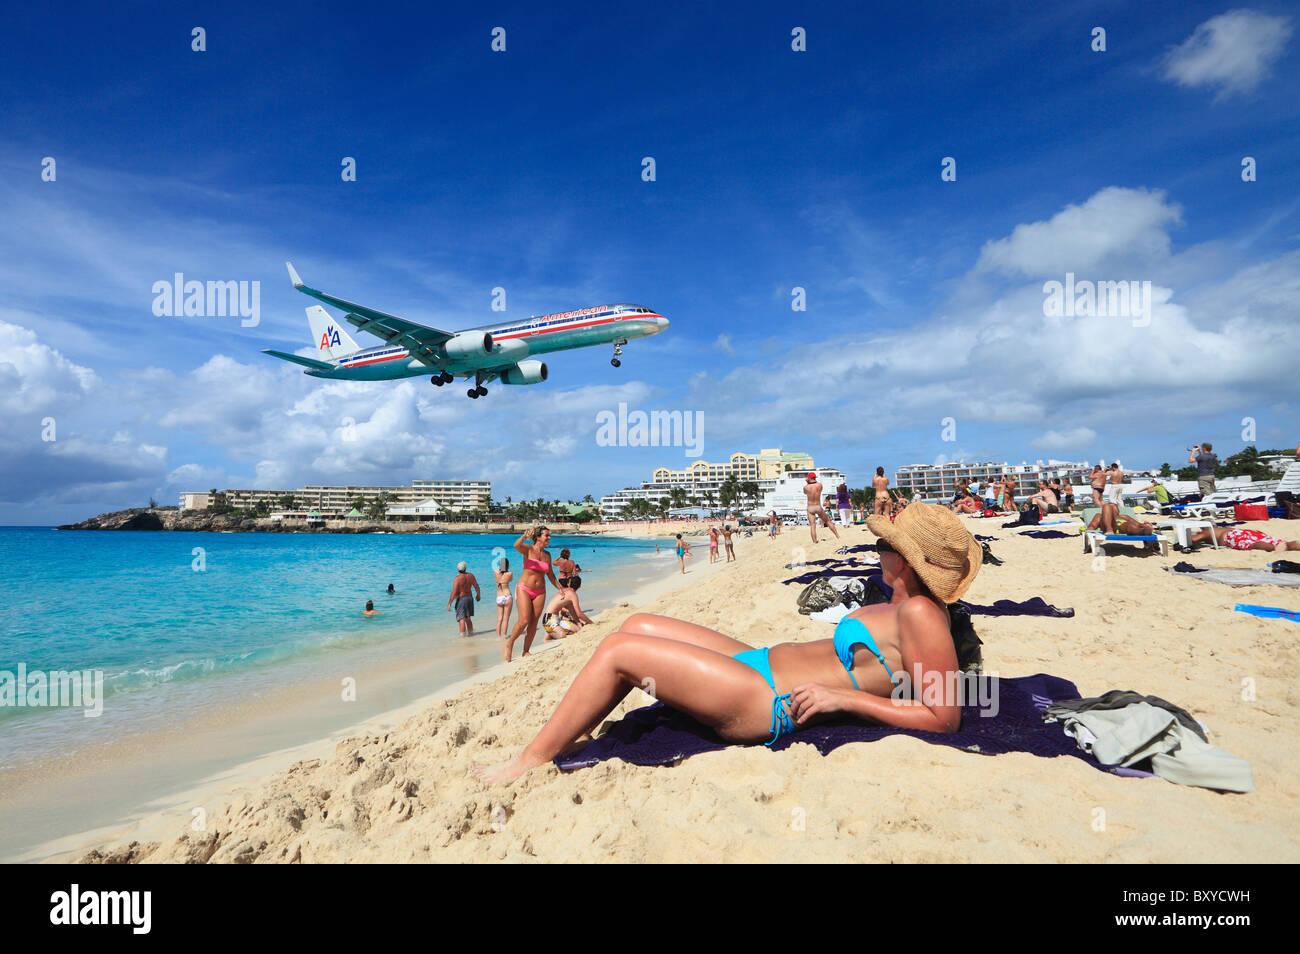 American Airlines Jet lo sbarco in tutta la spiaggia a St.Maarten Princess Juliana Airport Immagini Stock